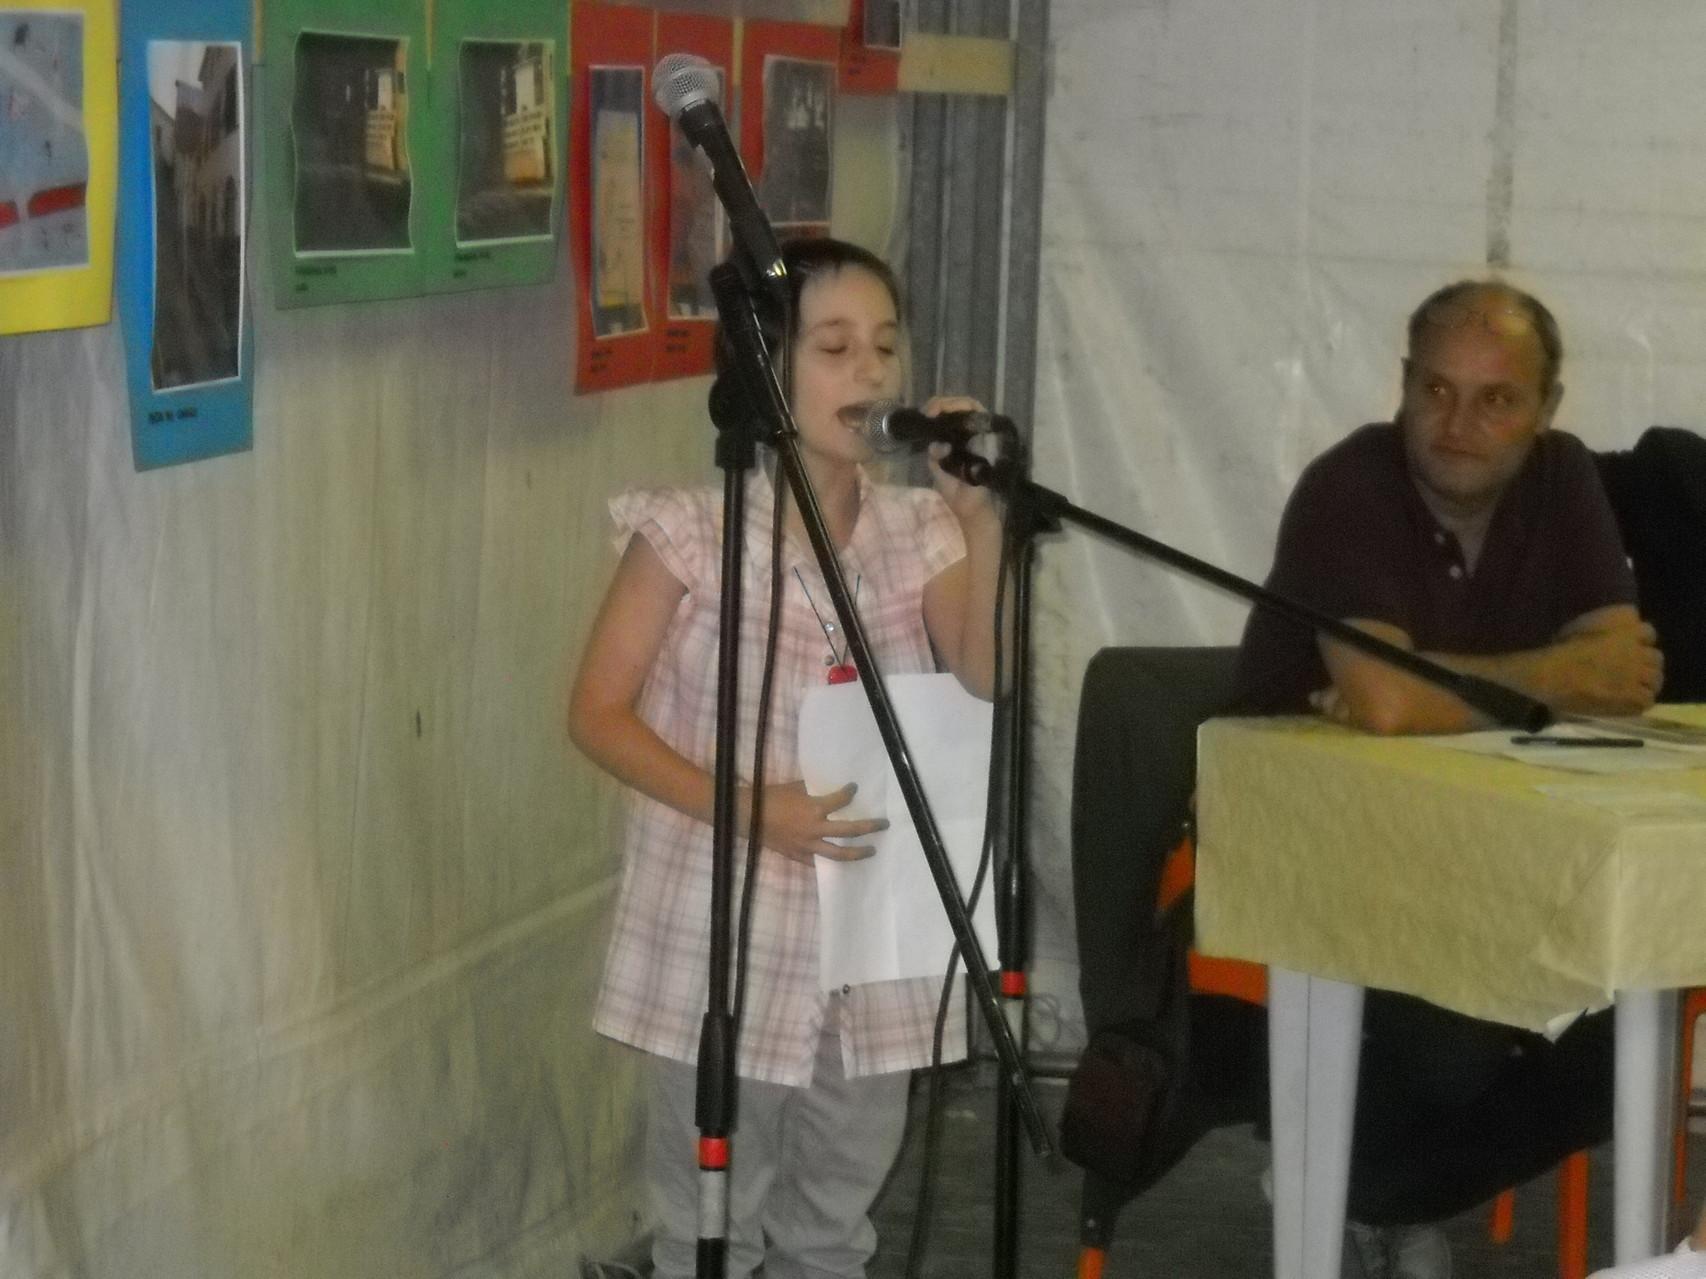 La recitazione da parte dei piccoli attori del Teatro dell'Aglio delle poesie tratte dal libro 'Un'altalena di emozioni' di Francesca Ghiribelli.